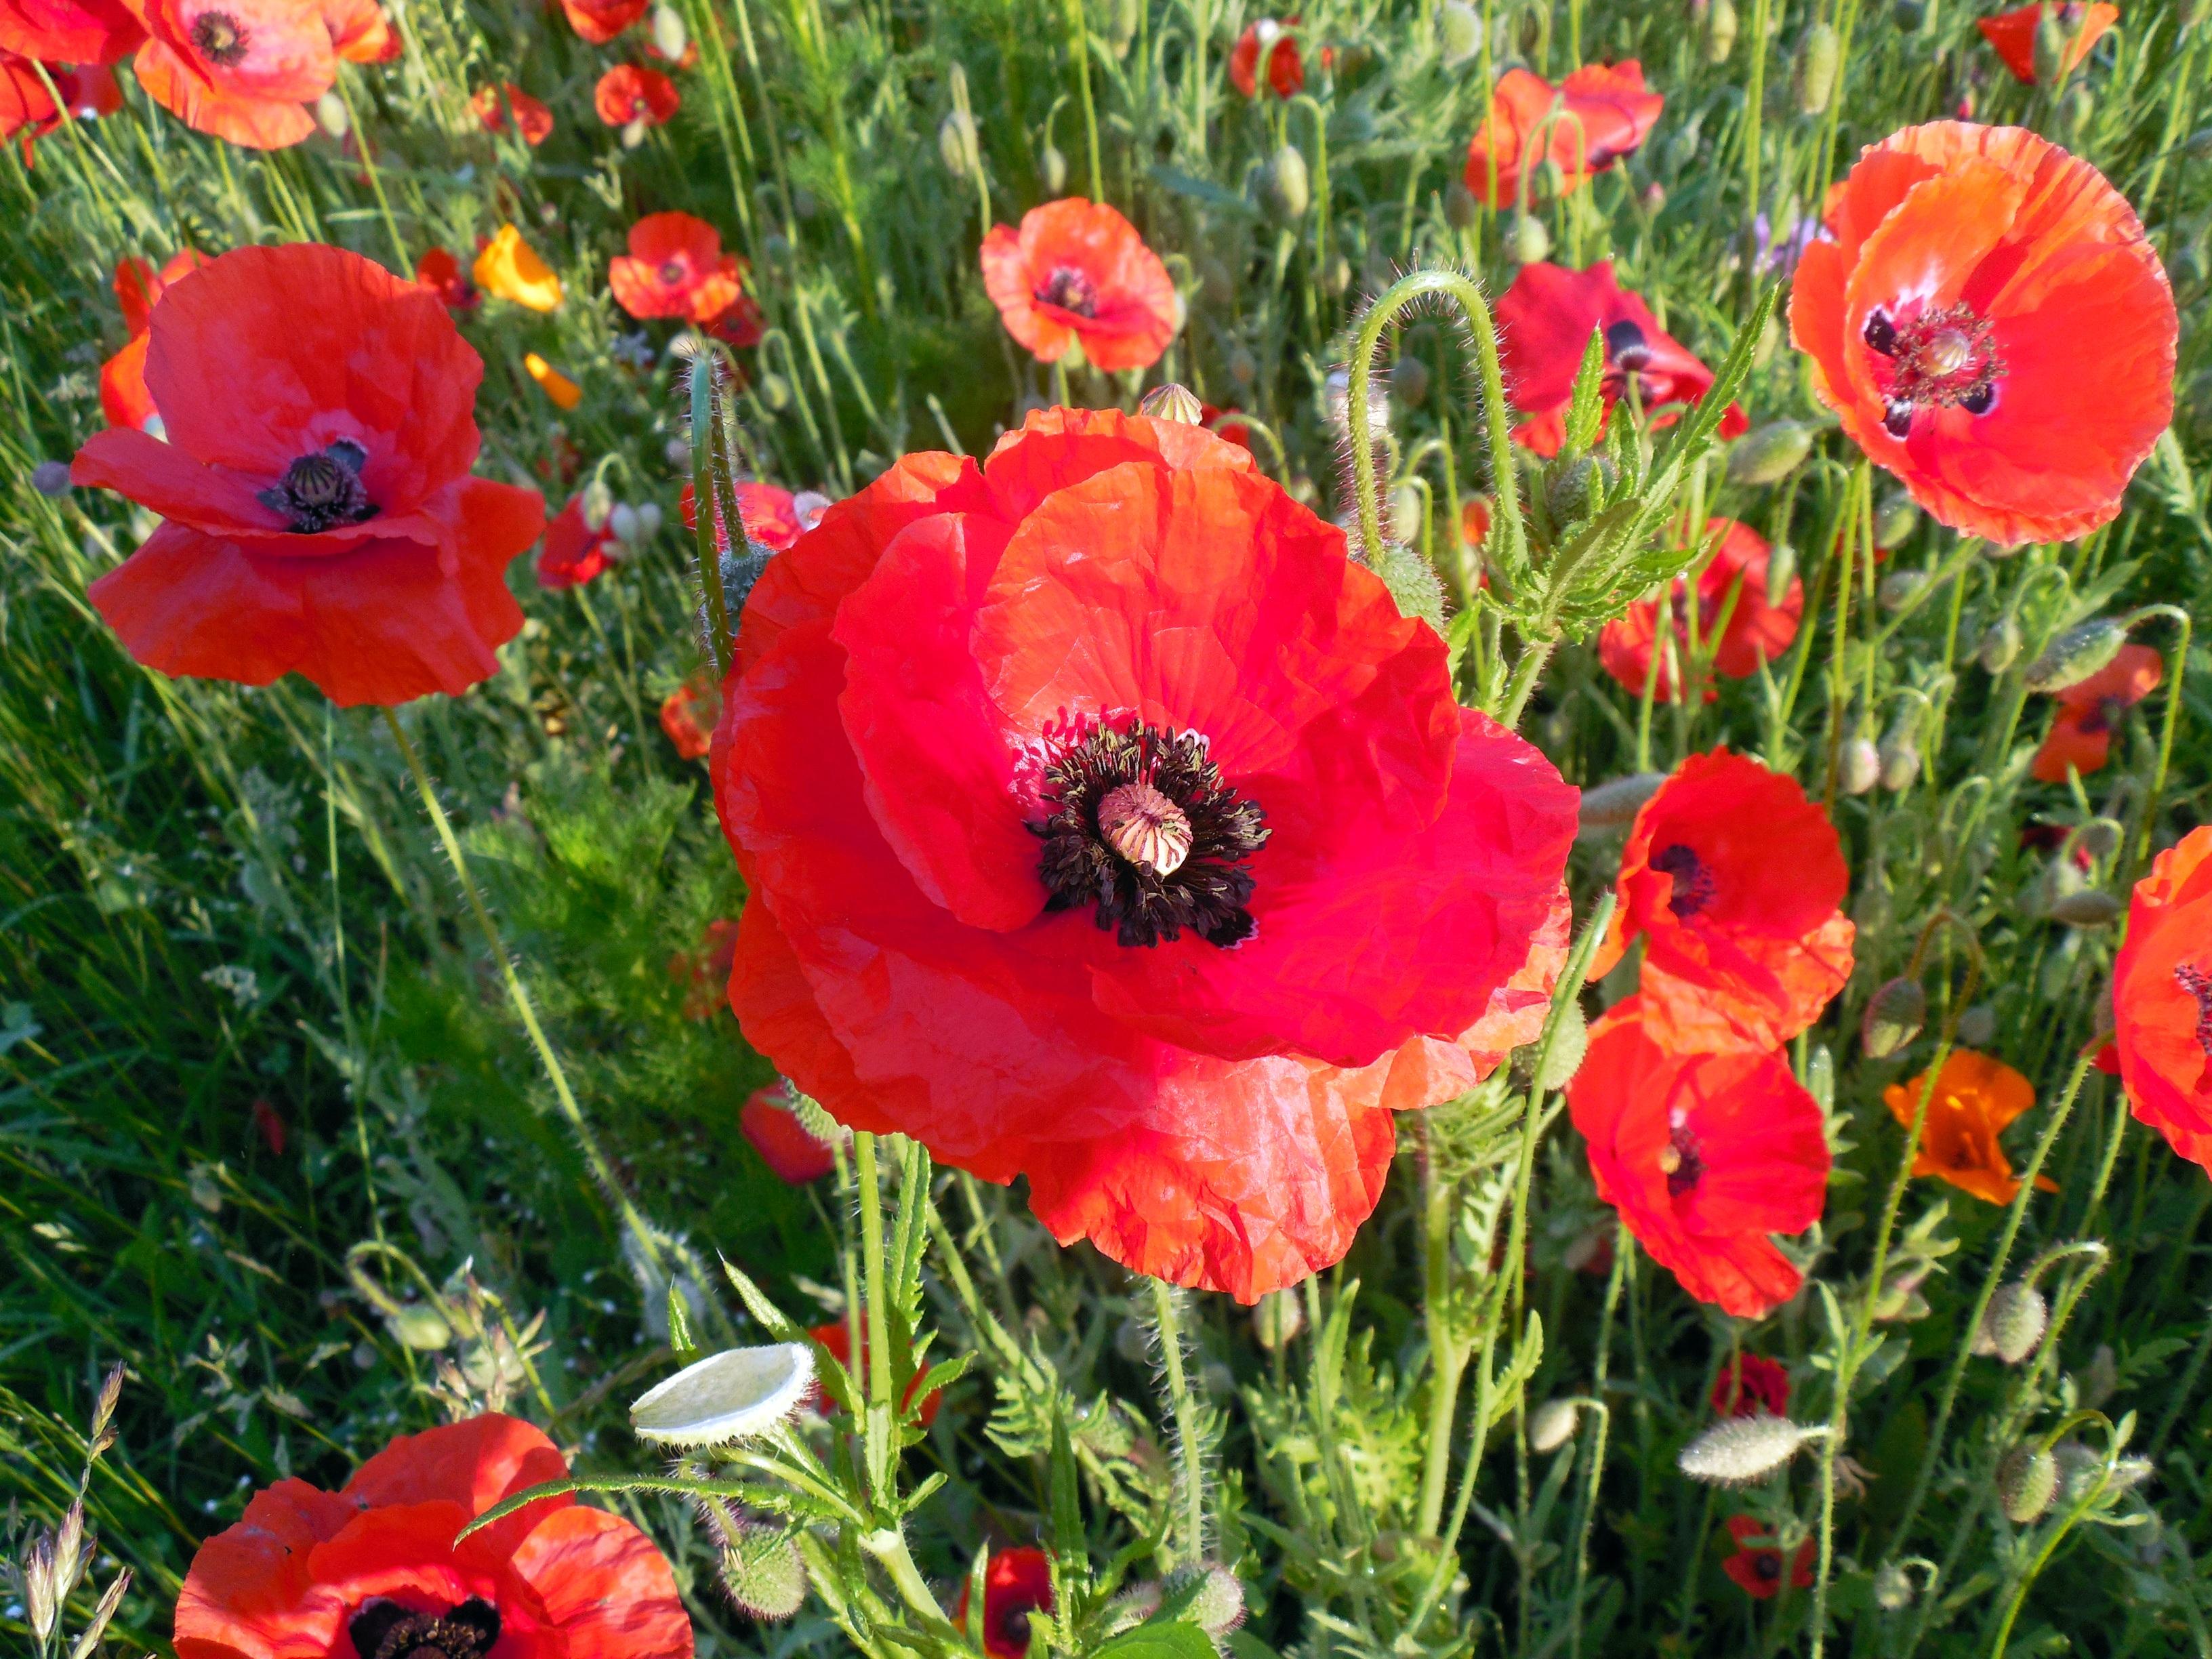 images gratuites fleur floraison t rouge coquelicot coquelicot papaver plante. Black Bedroom Furniture Sets. Home Design Ideas